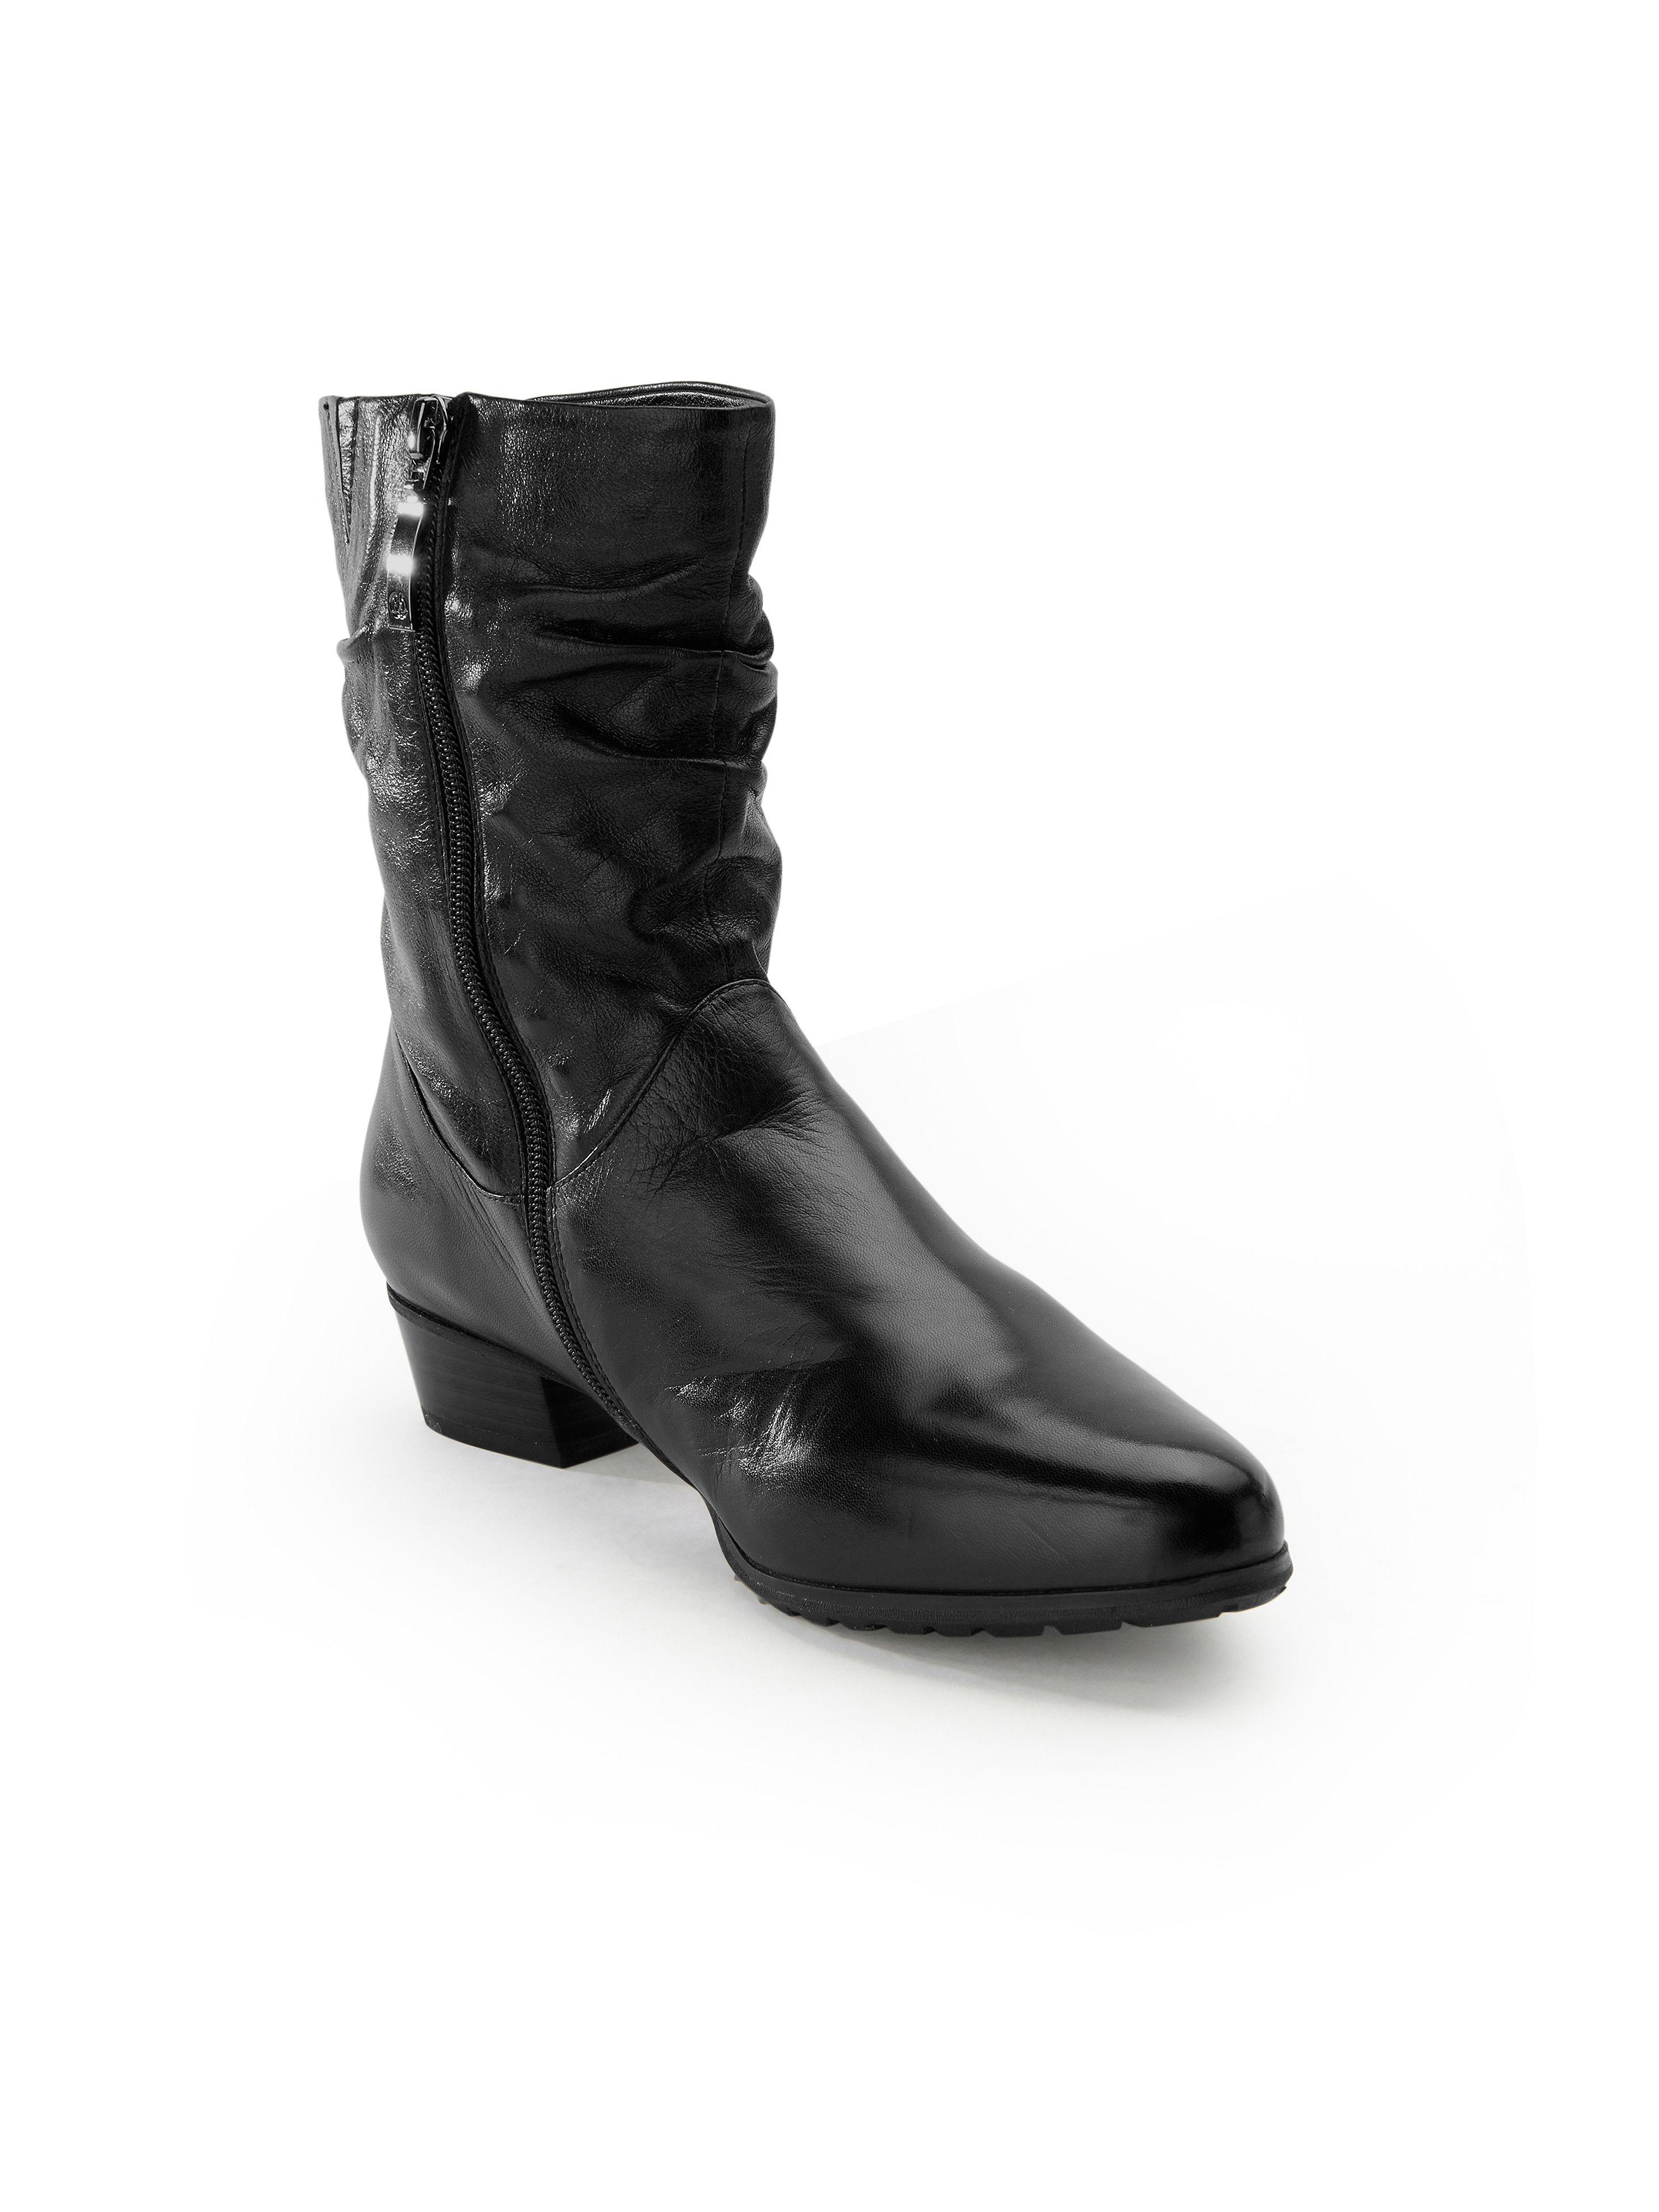 Gerry Weber - Stiefelette aus 100% Leder - Schwarz Gute Qualität beliebte Schuhe